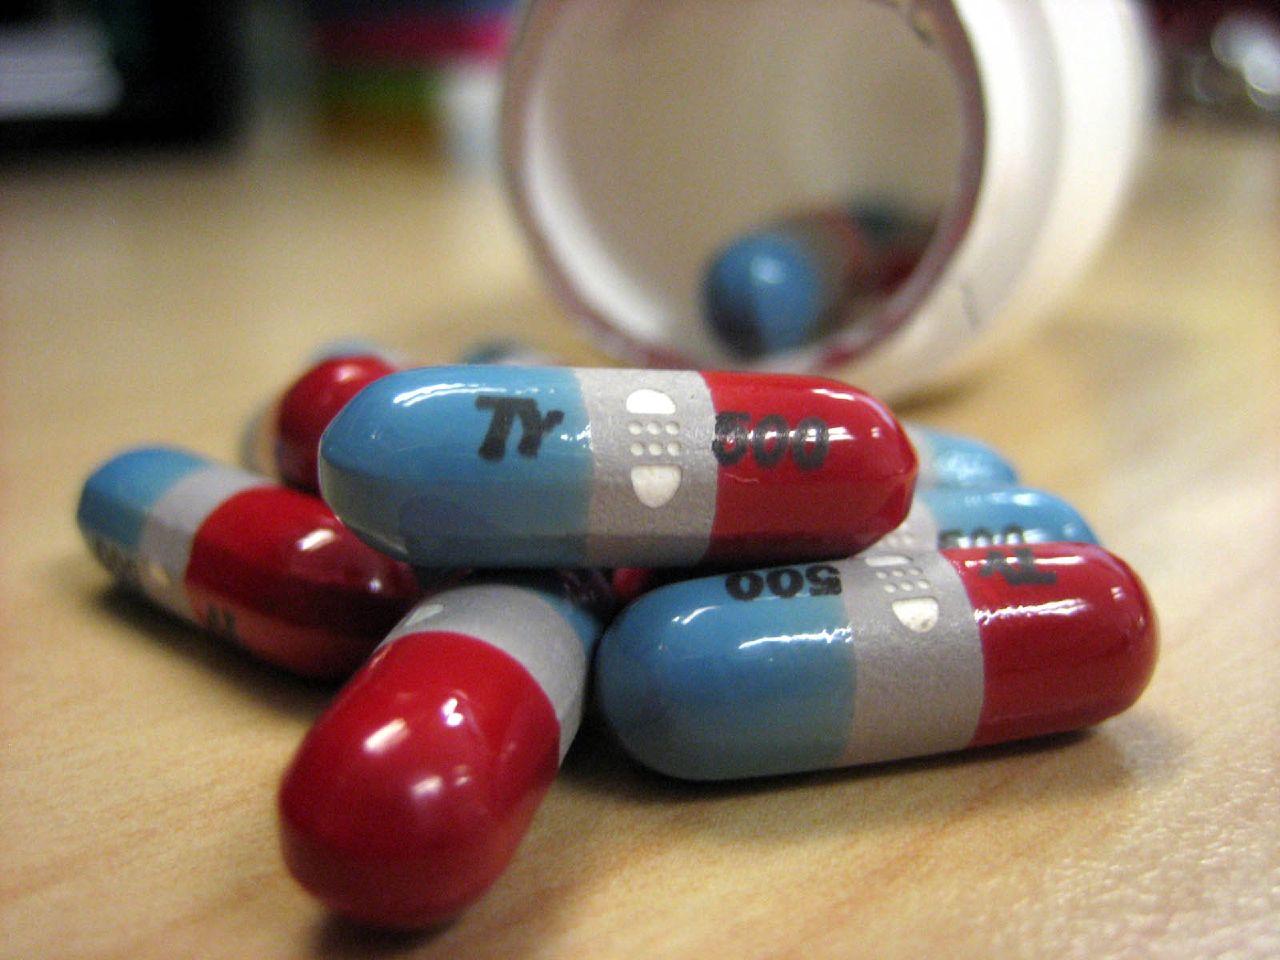 Big Pharma Billionaire Arrested